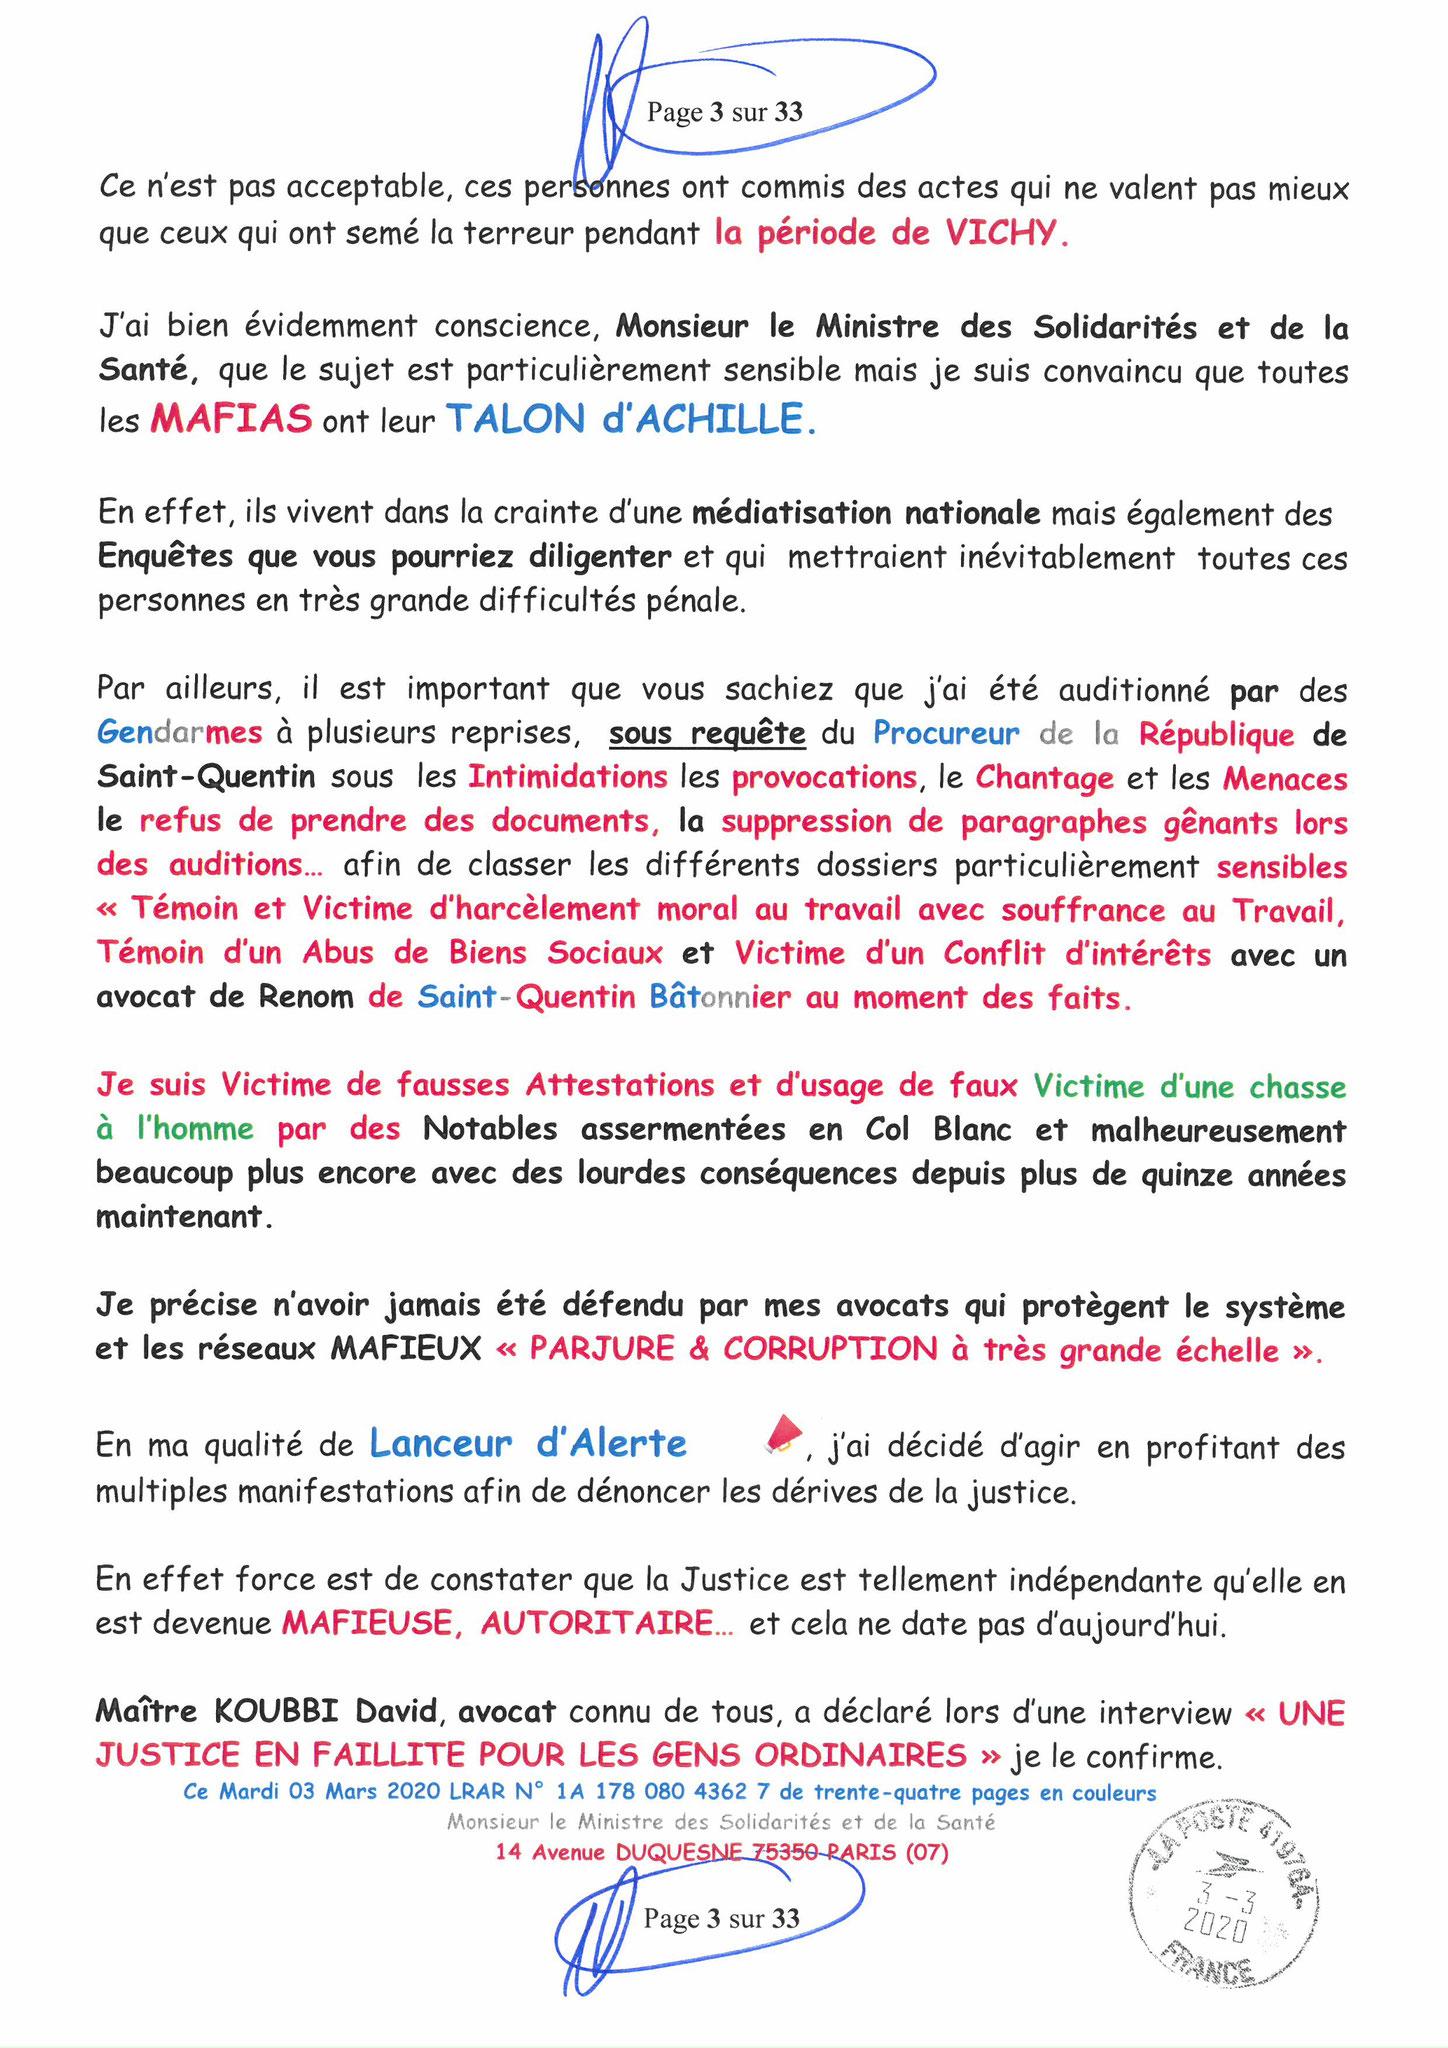 Page 3 sur 33 Ma lettre recommandée N0 1A 178 080 4362 7 du 03 Mars 2020 à Monsieur Olivier VERAN le Ministre de la Santé et des Solidarités www.jesuispatrick.fr